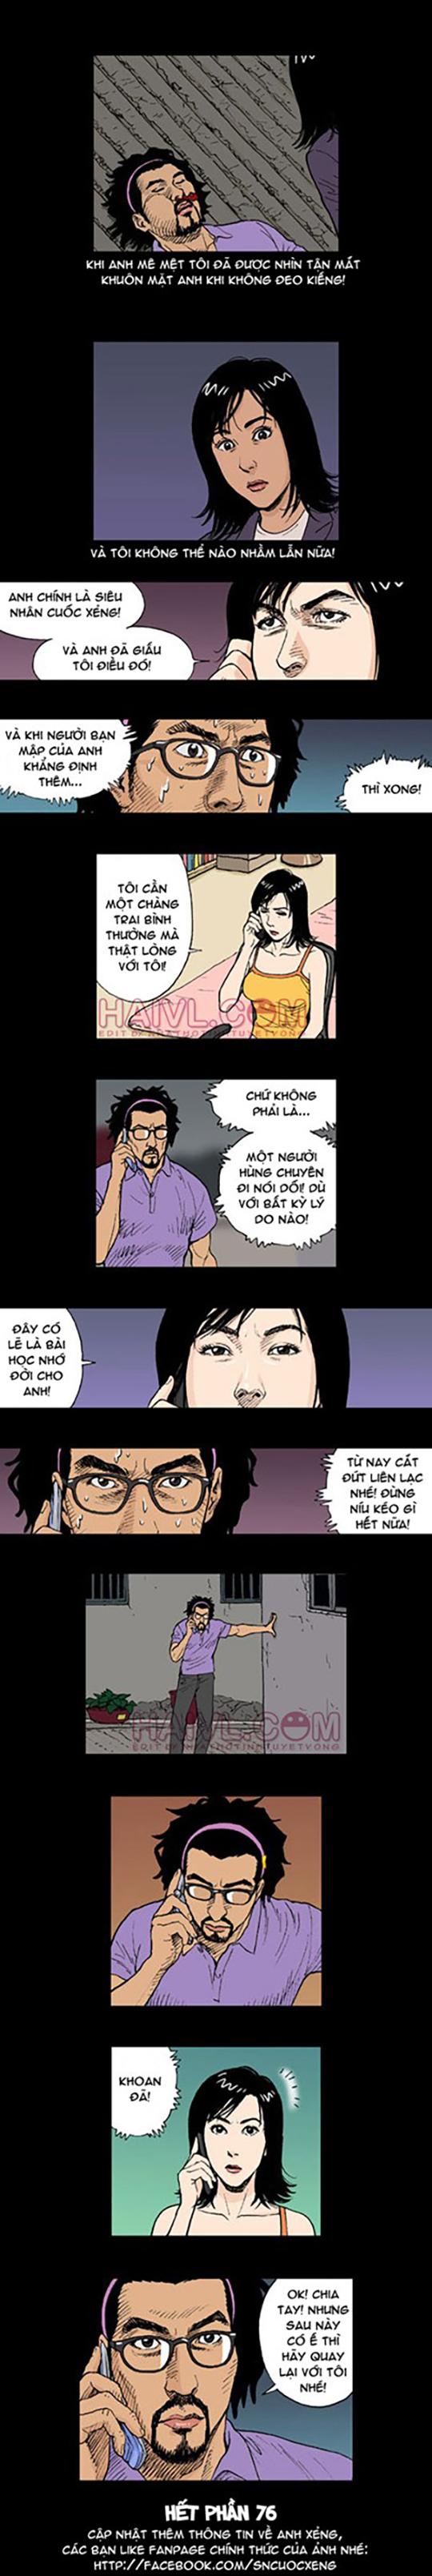 Siêu nhân Cuốc Xẻng (full bộ) phần 76